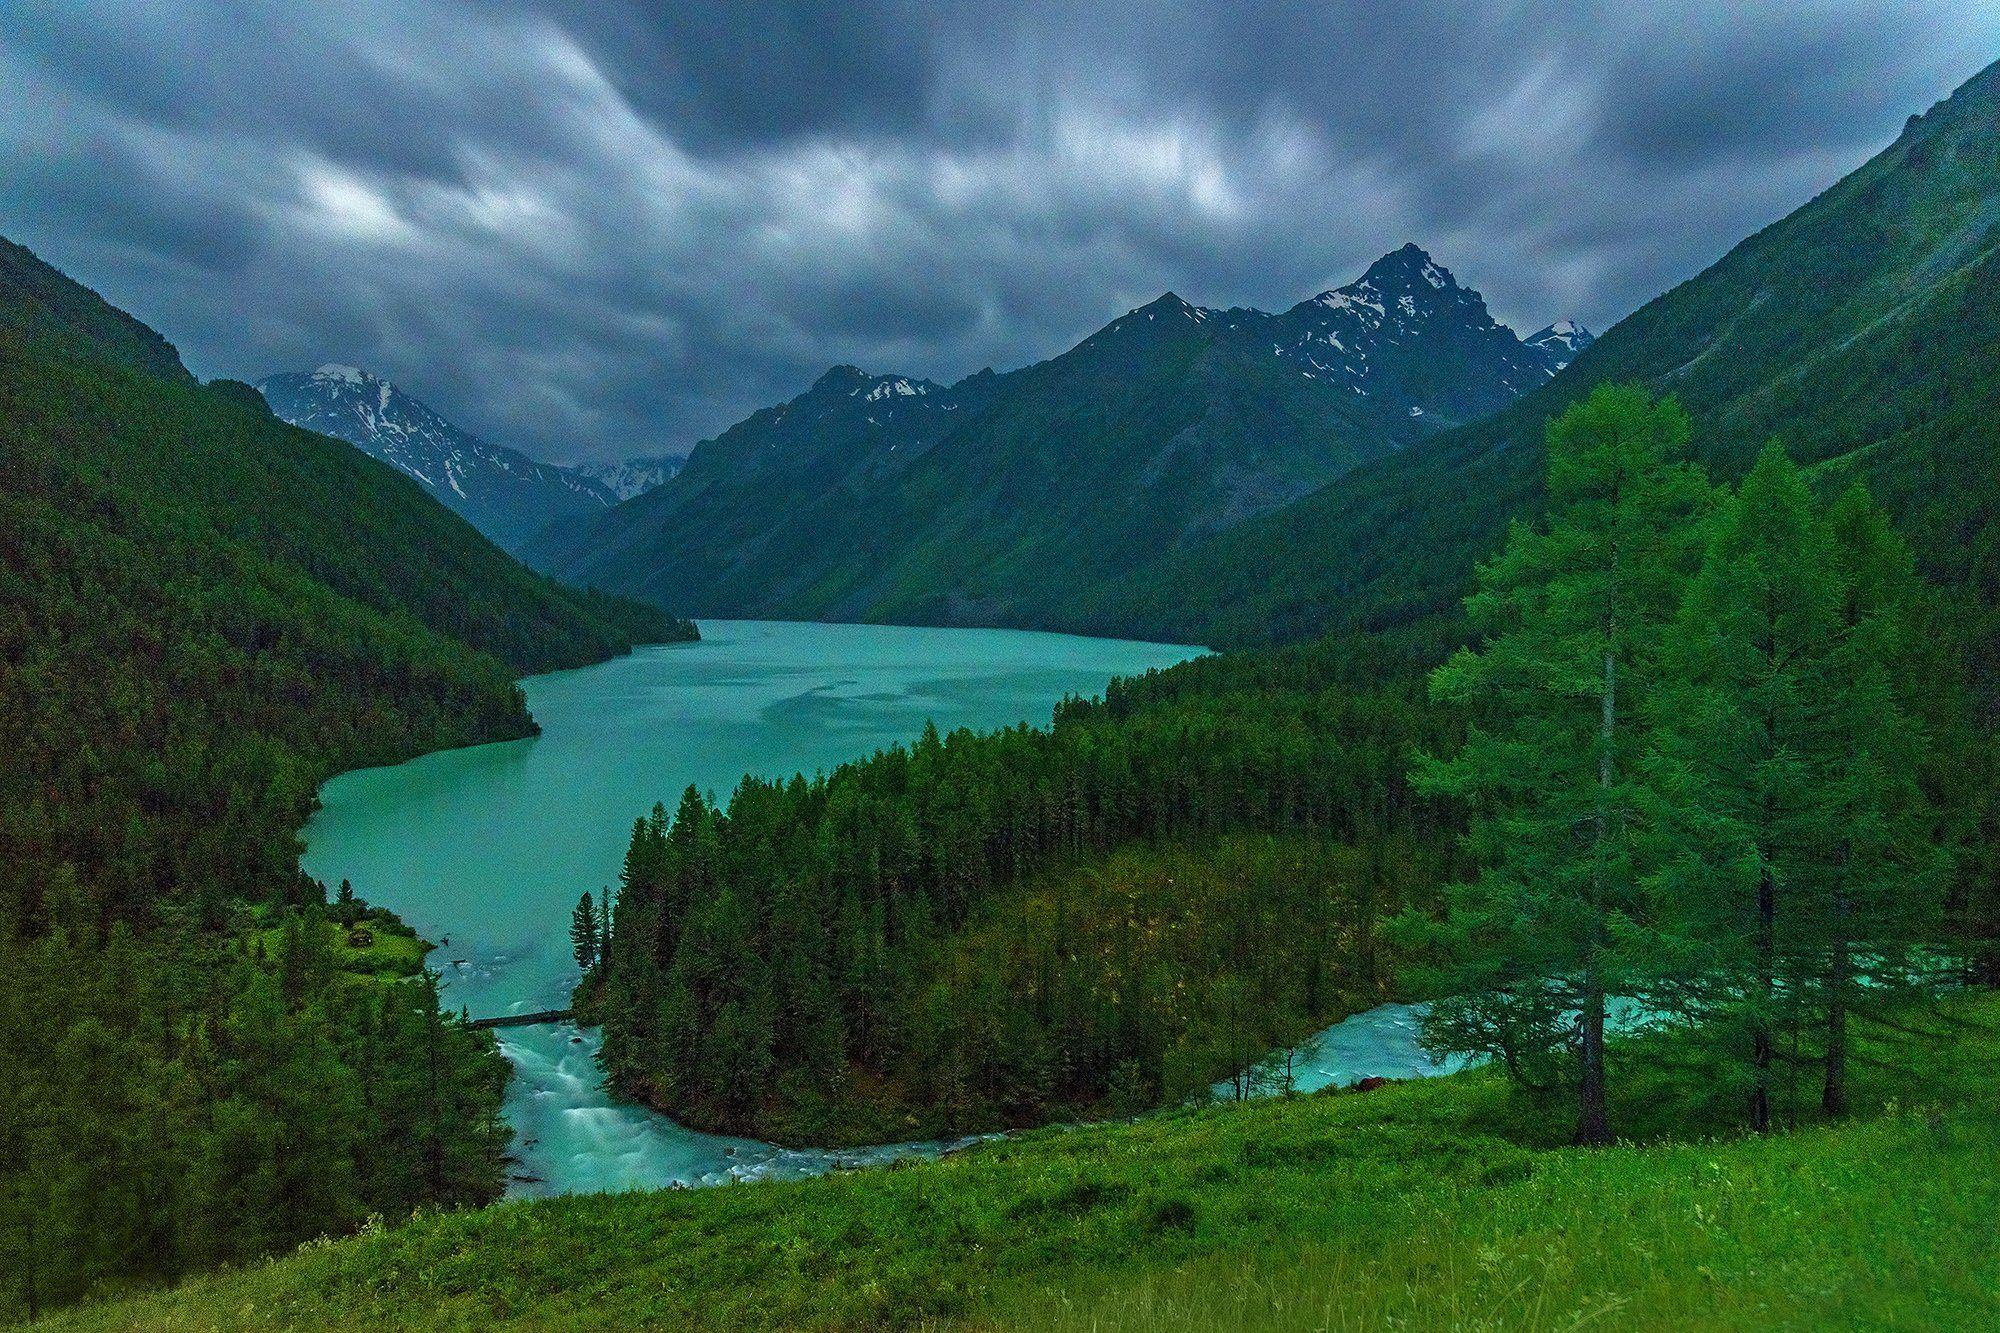 Altai krai, Siberia, Алтай, Кучерла, Сибирь, Павел Филатов